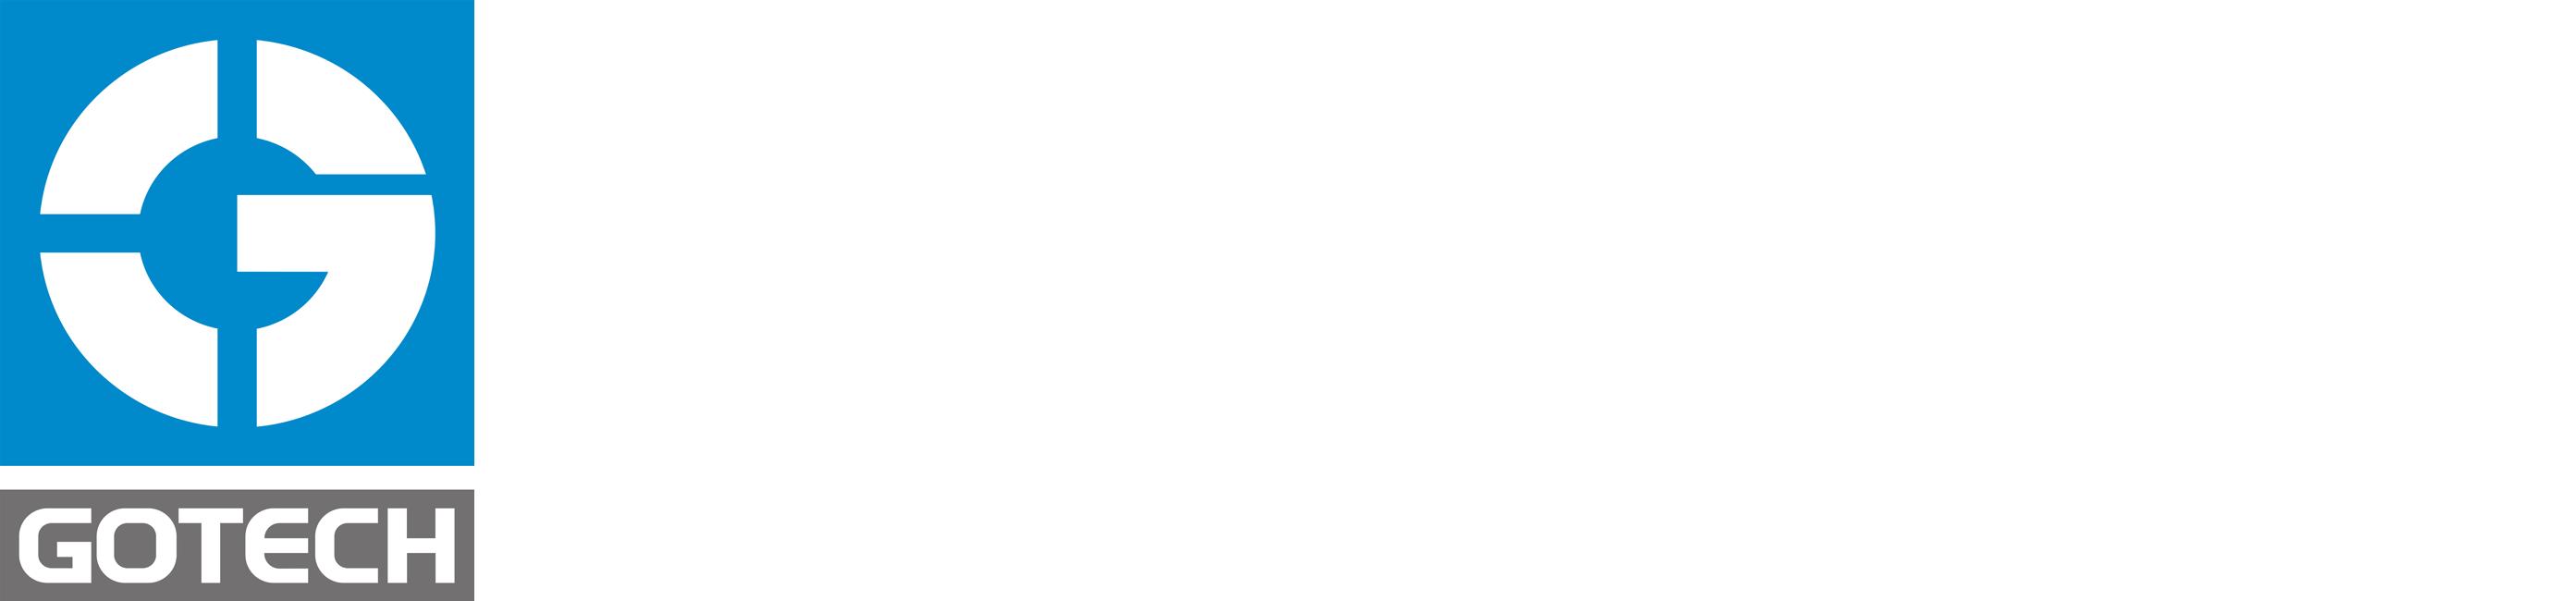 Gotech